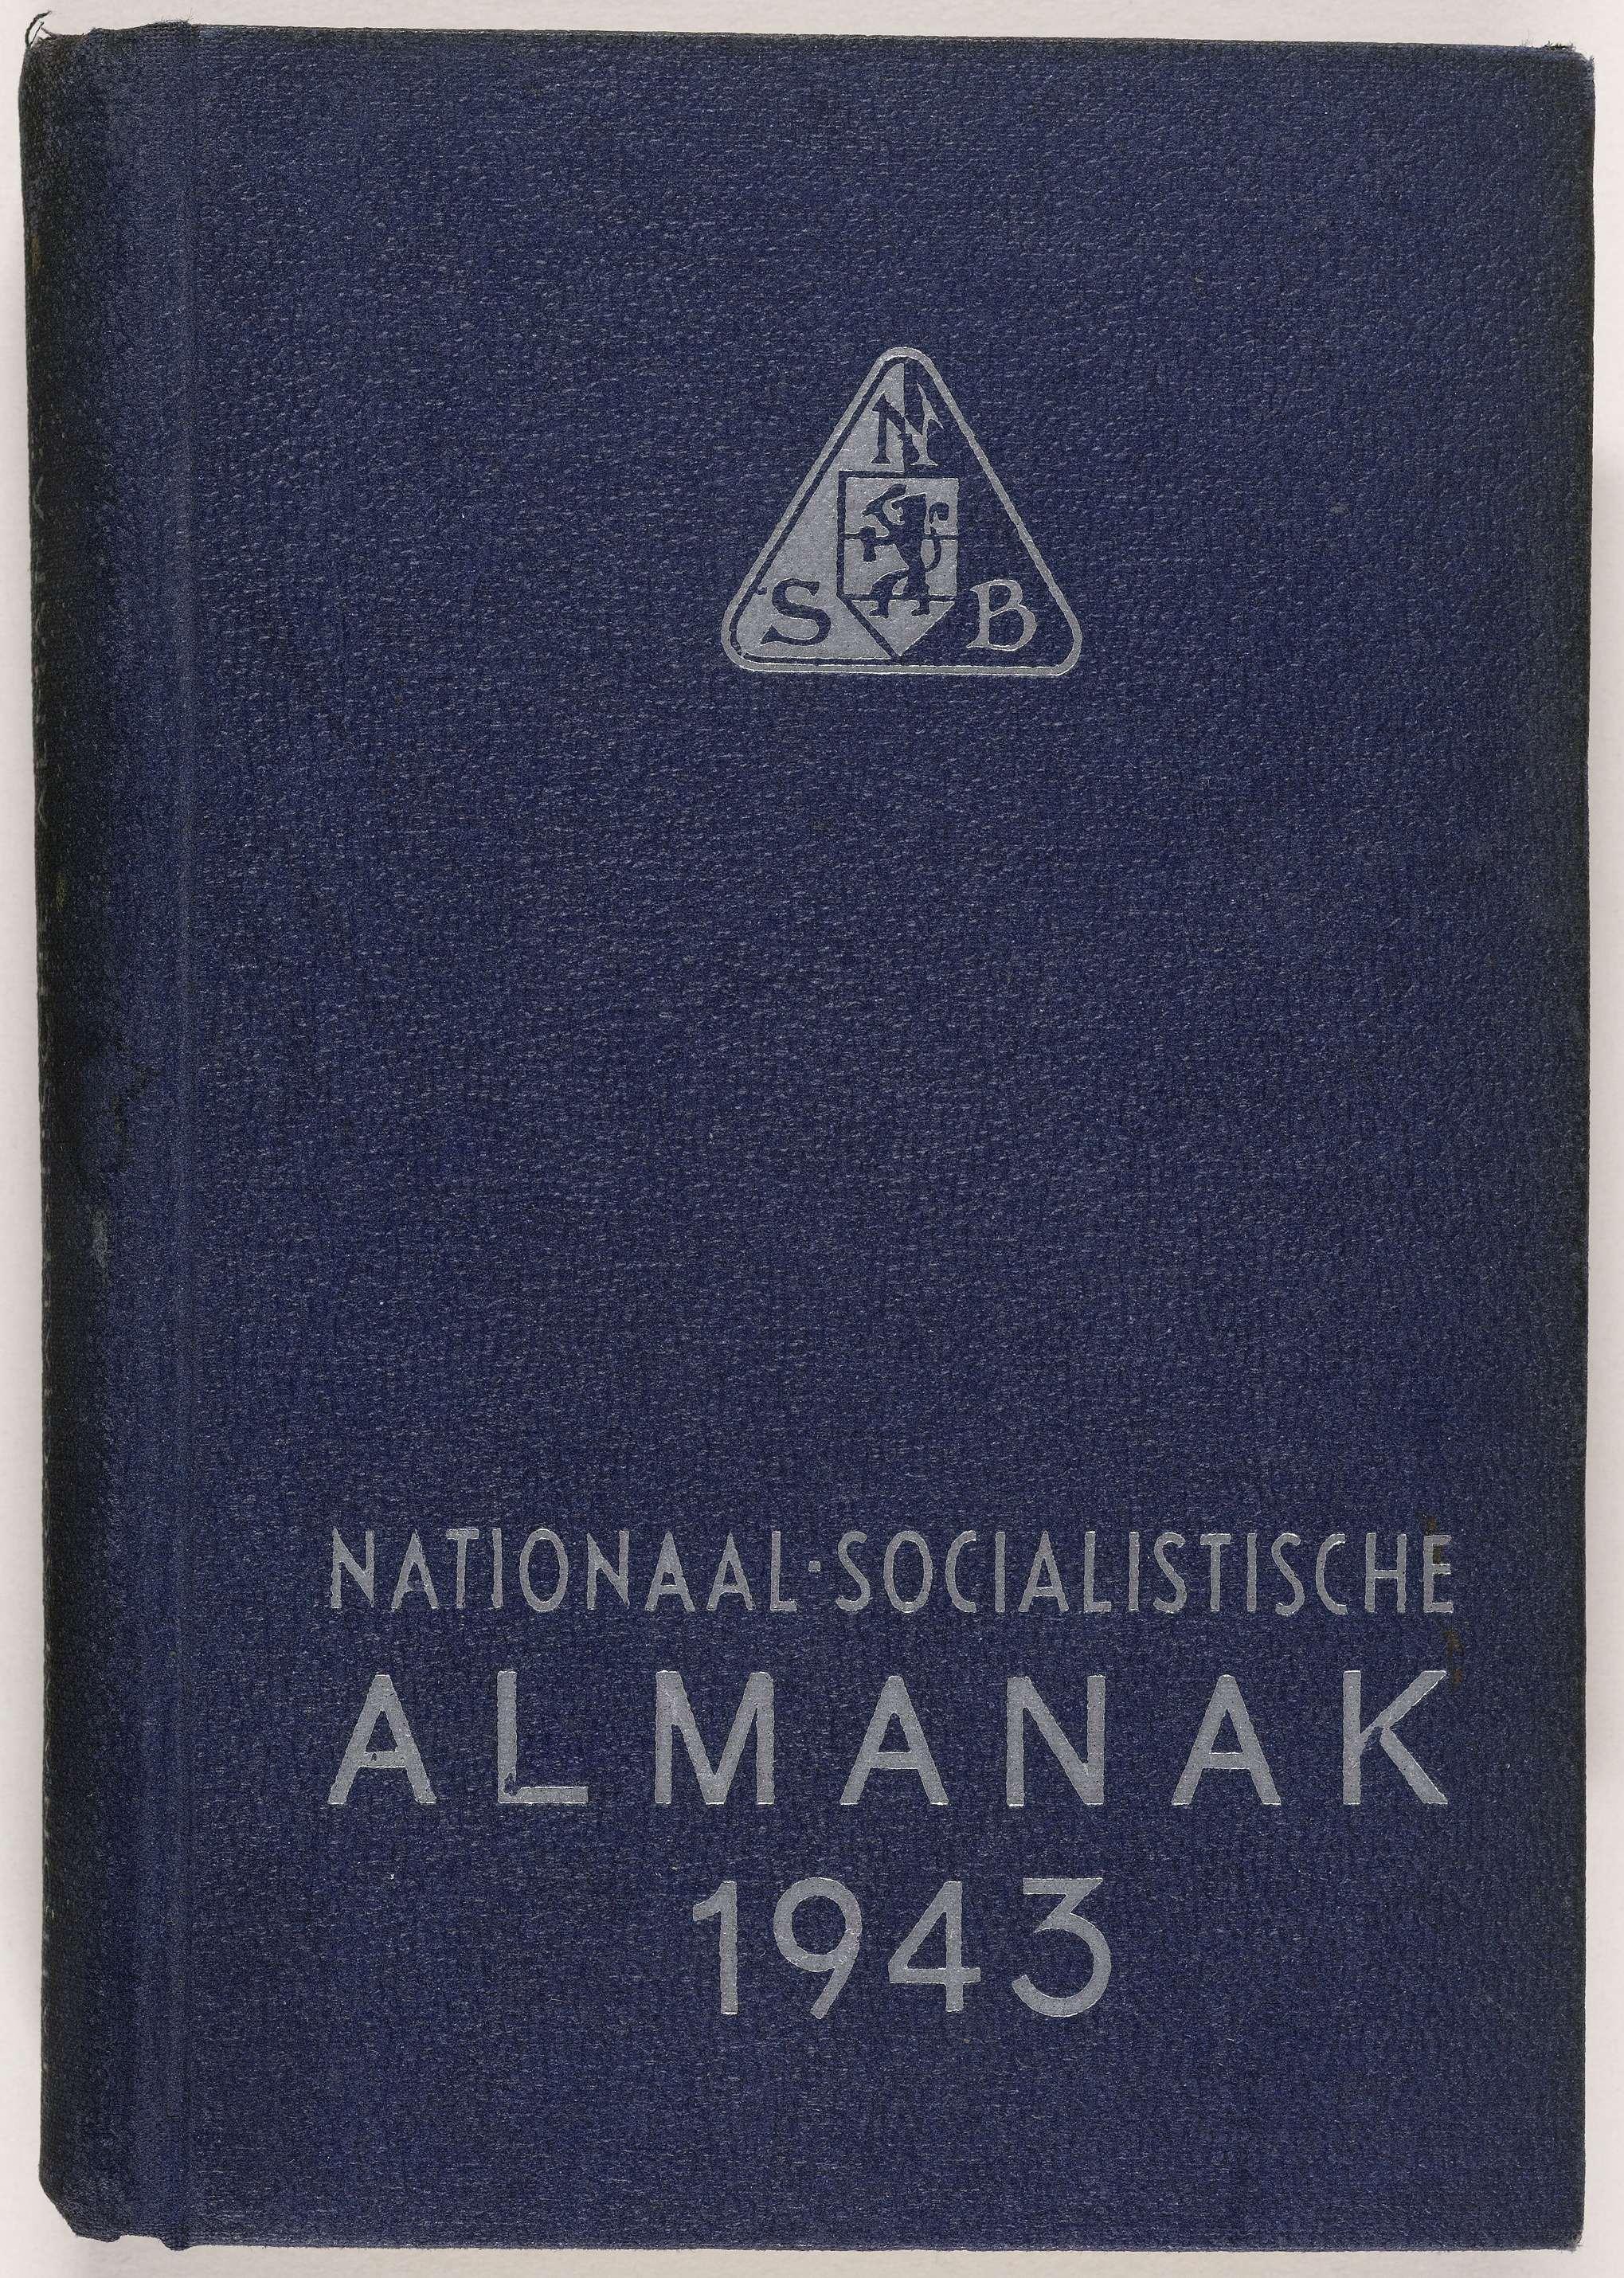 De NSB almanak van 1943, met daarin de namen van de NSB'ers die vanuit Indonesië naar Suriname zijn overgebracht en gevangen zitten in Kamp Jodensavanne